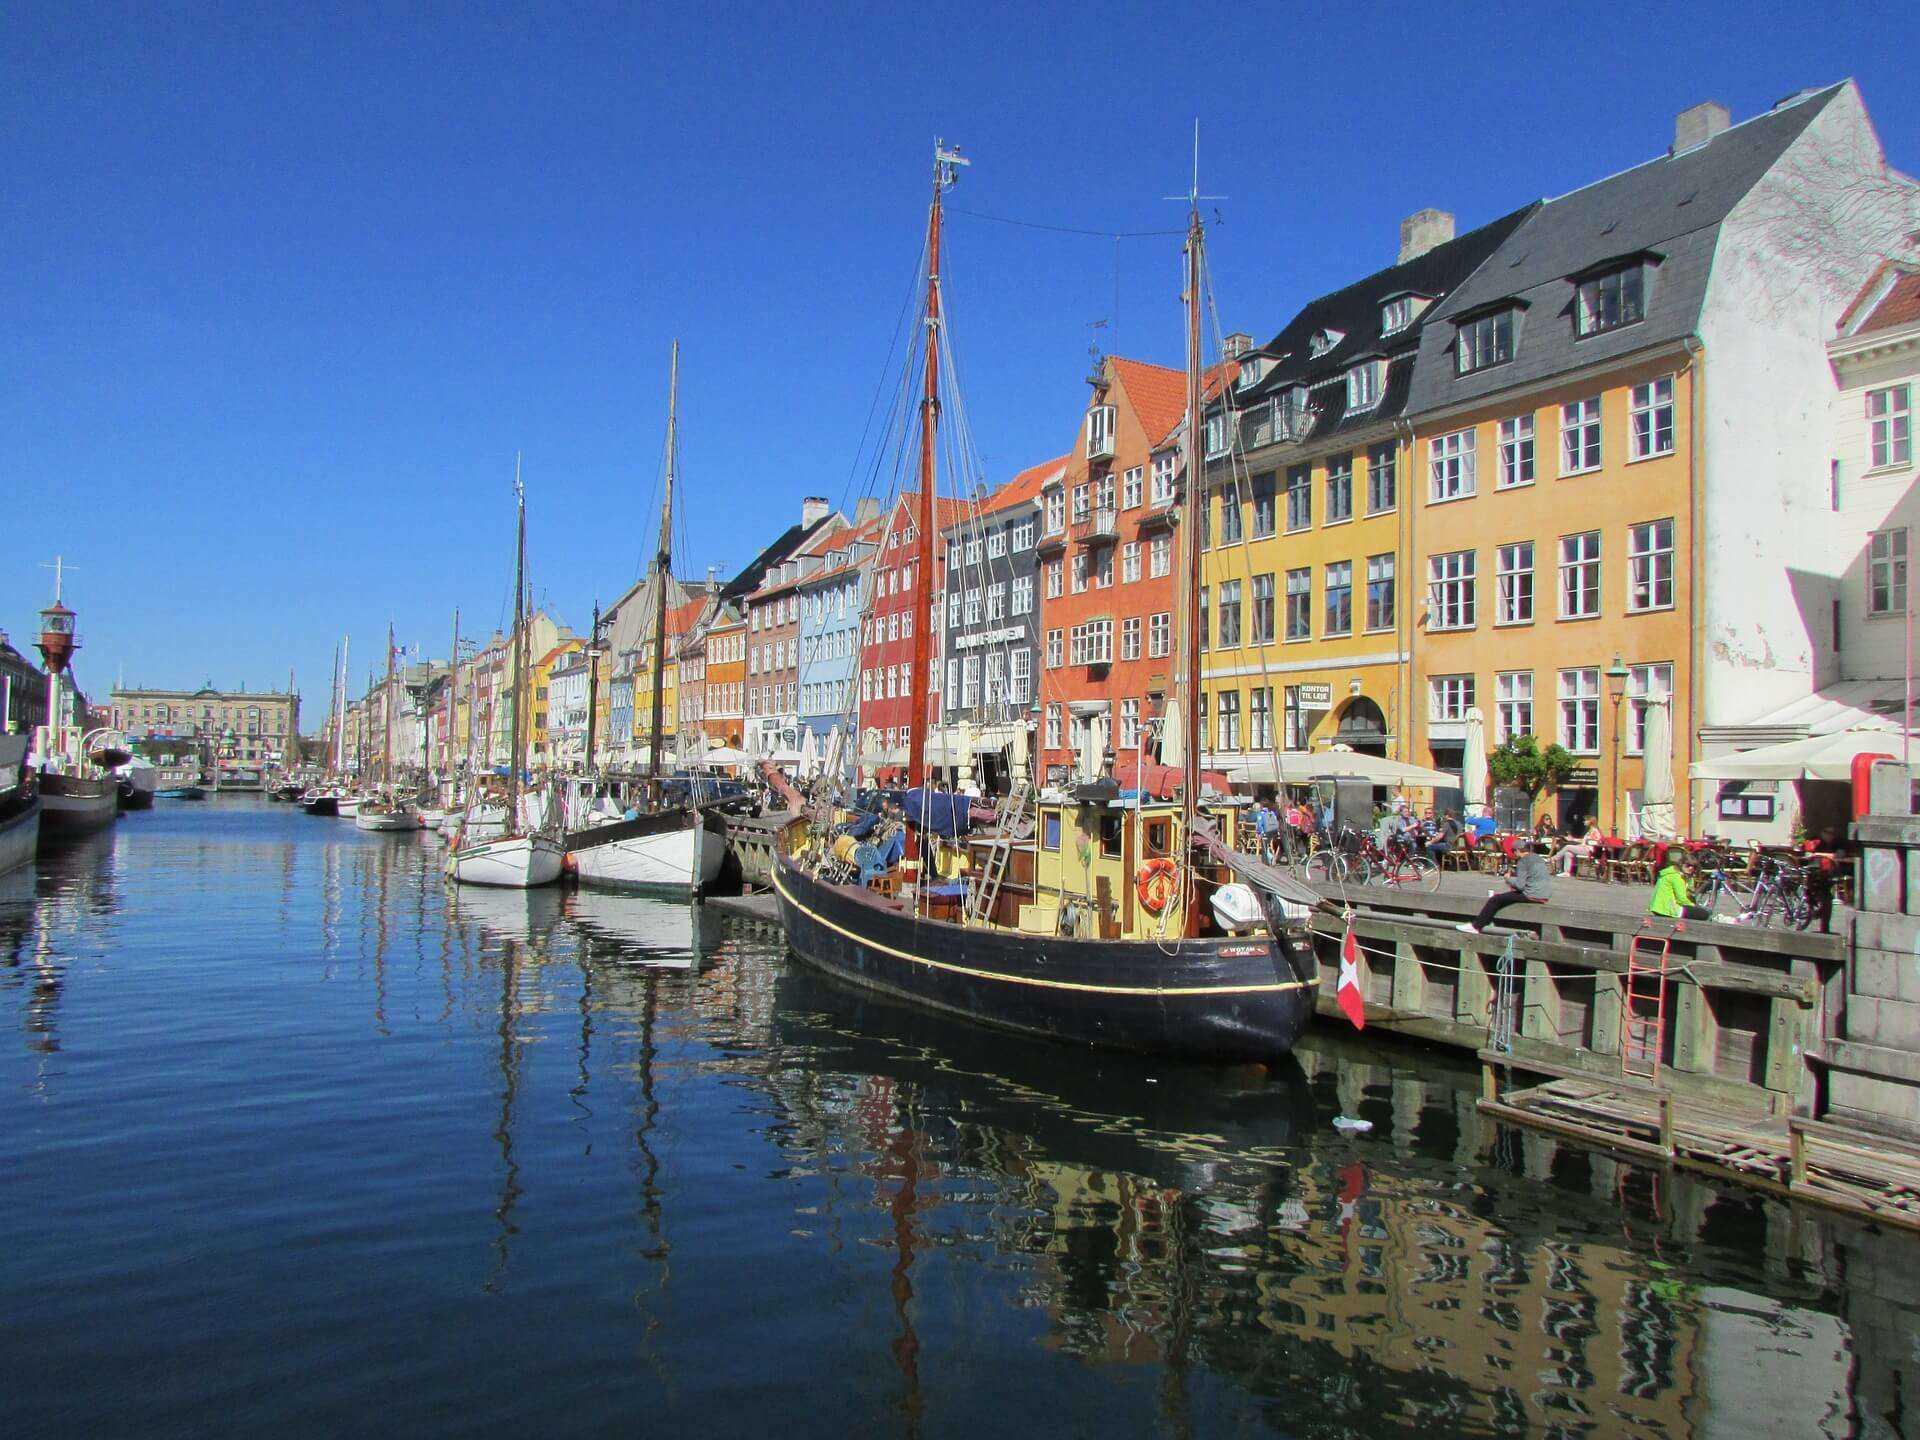 Direktflüge und Billigflüge ab Zürich nach Kopenhagen